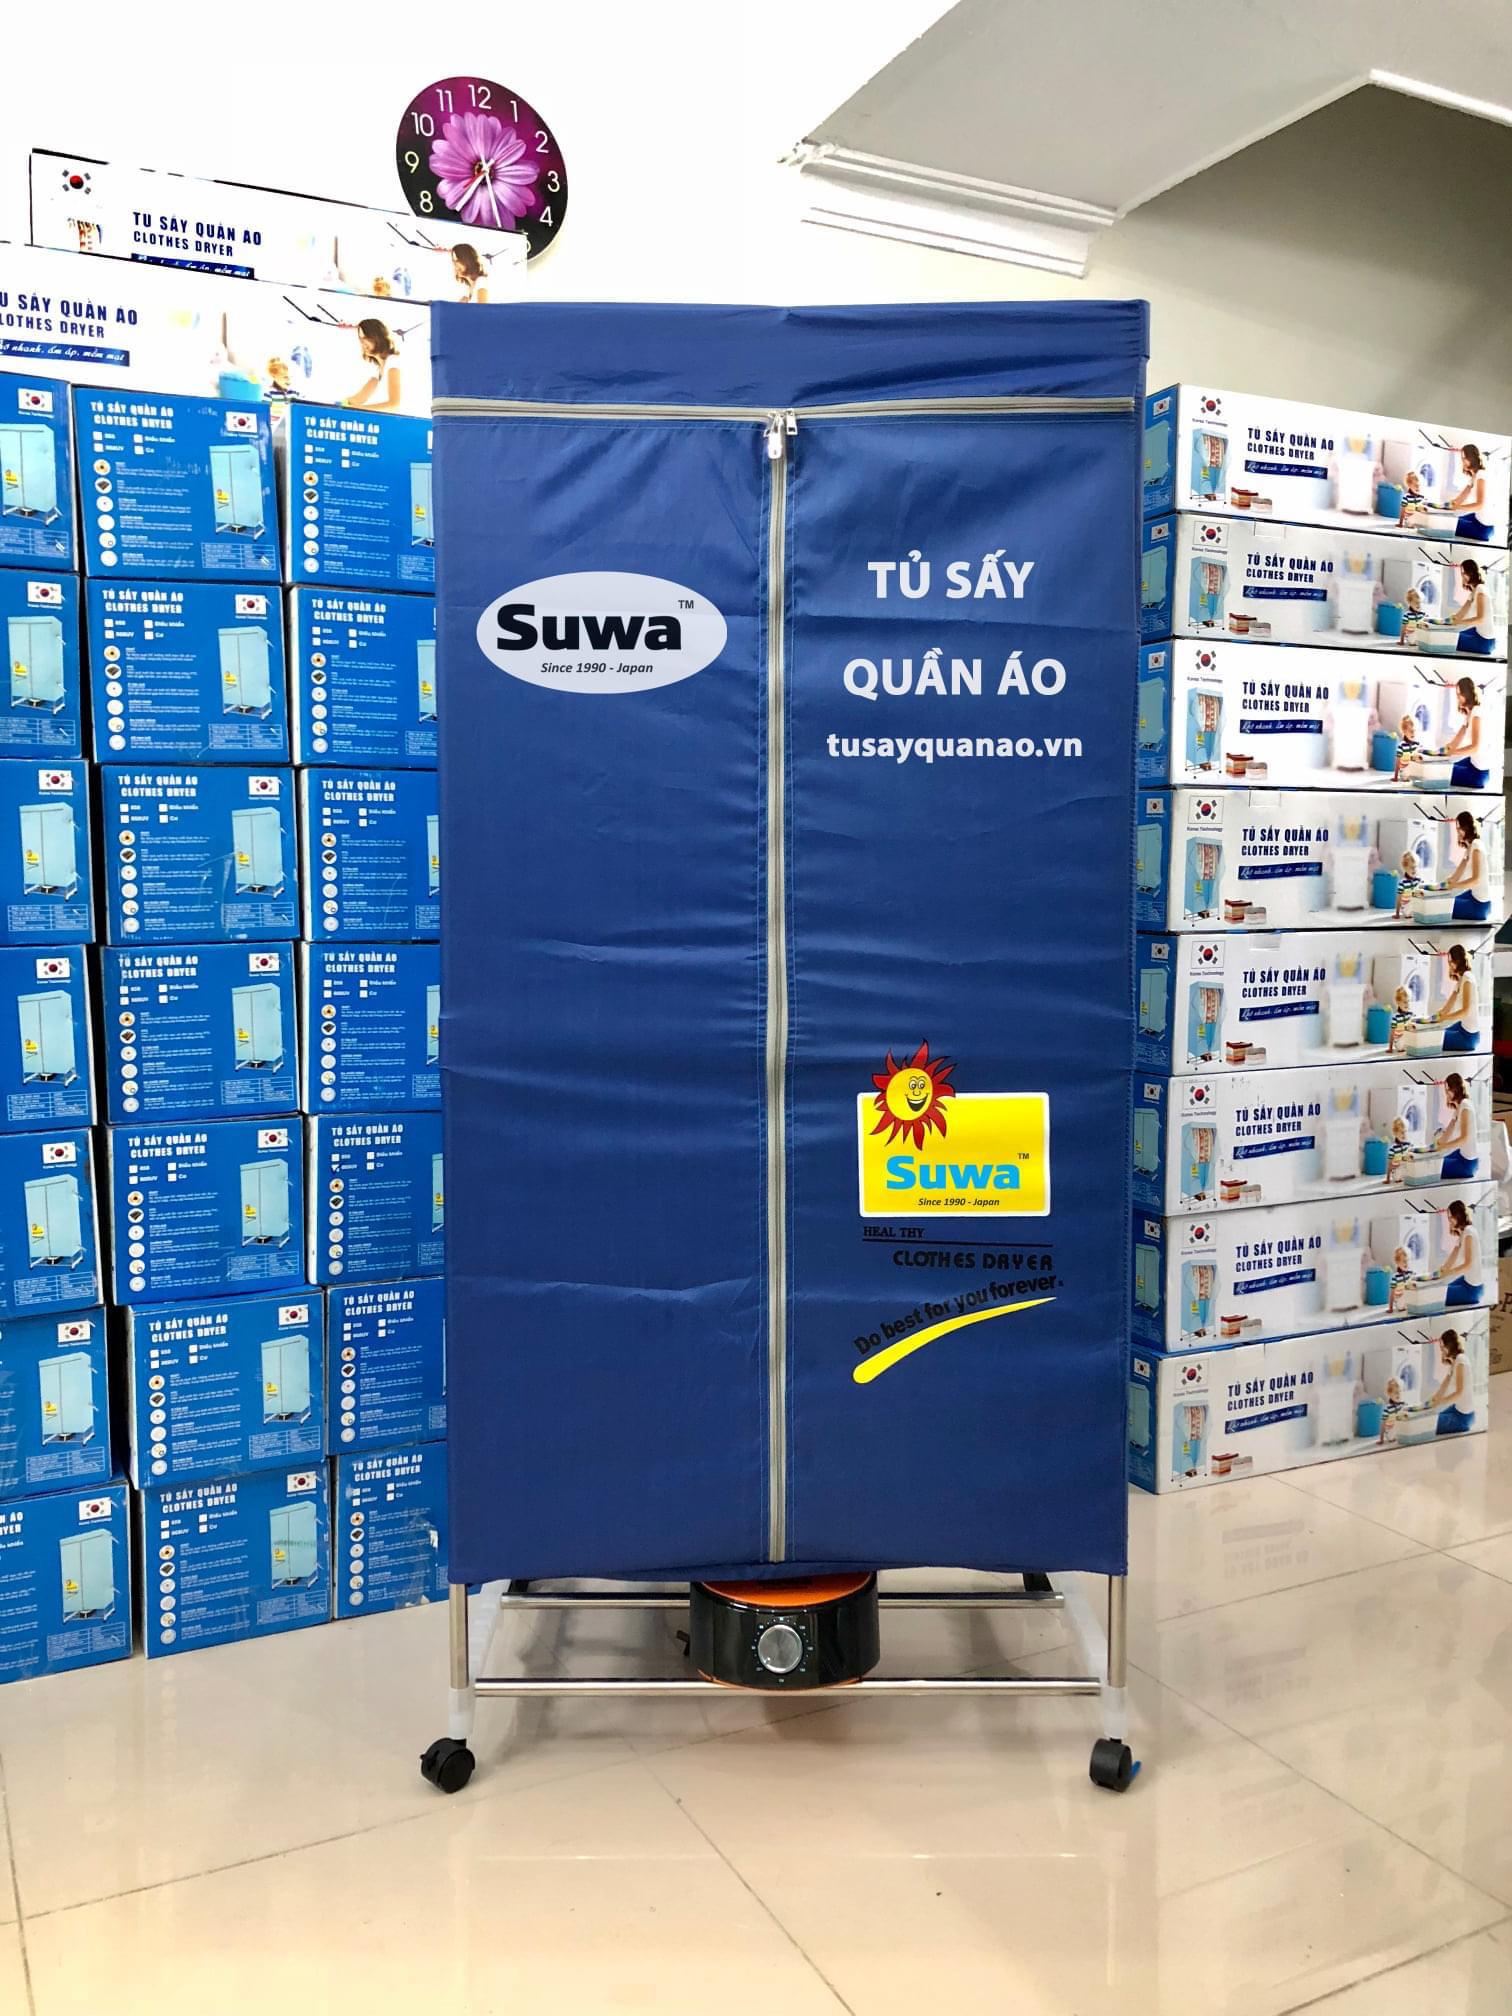 tủ sấy chính hãng Suwa